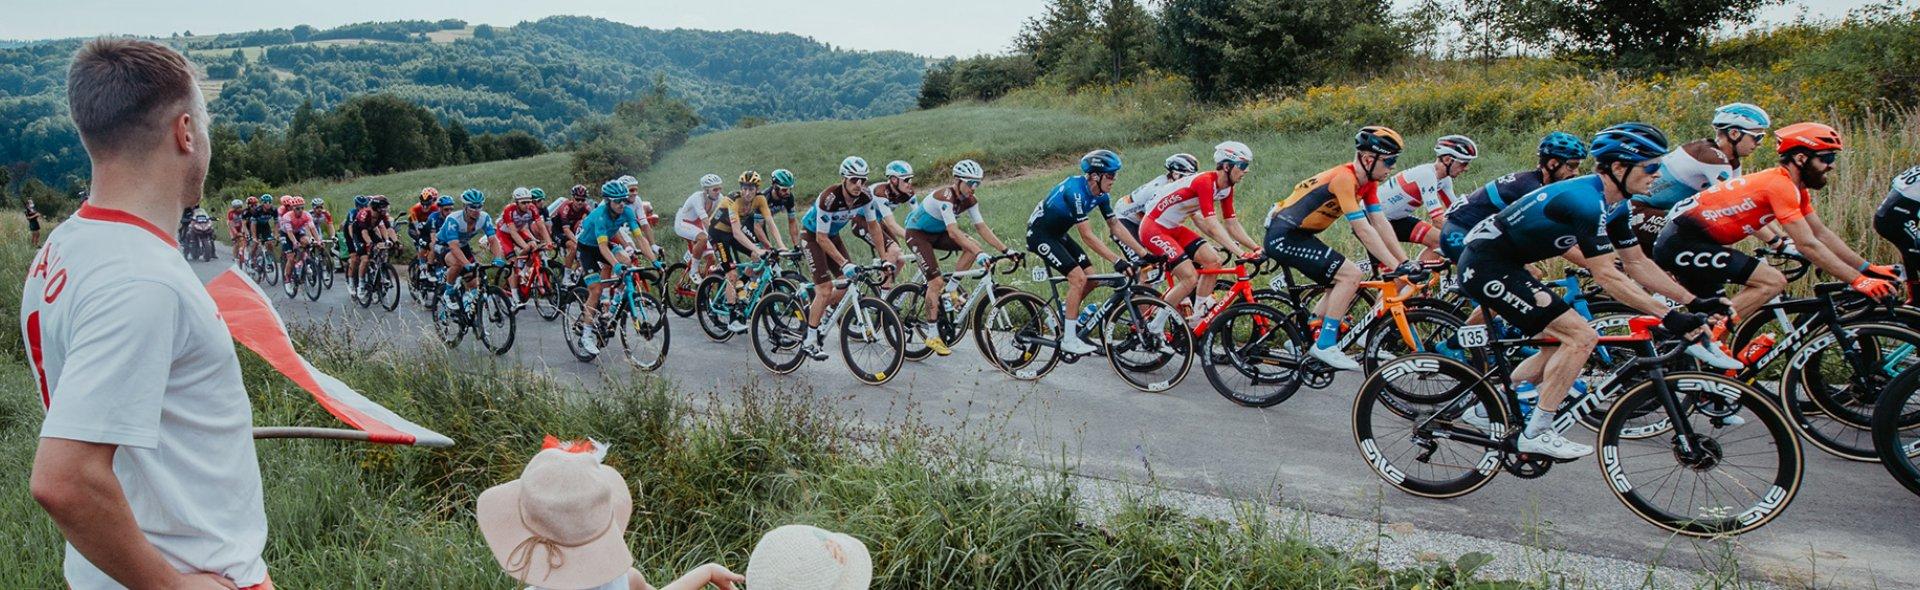 Szczegóły trasy 78. Tour de Pologne